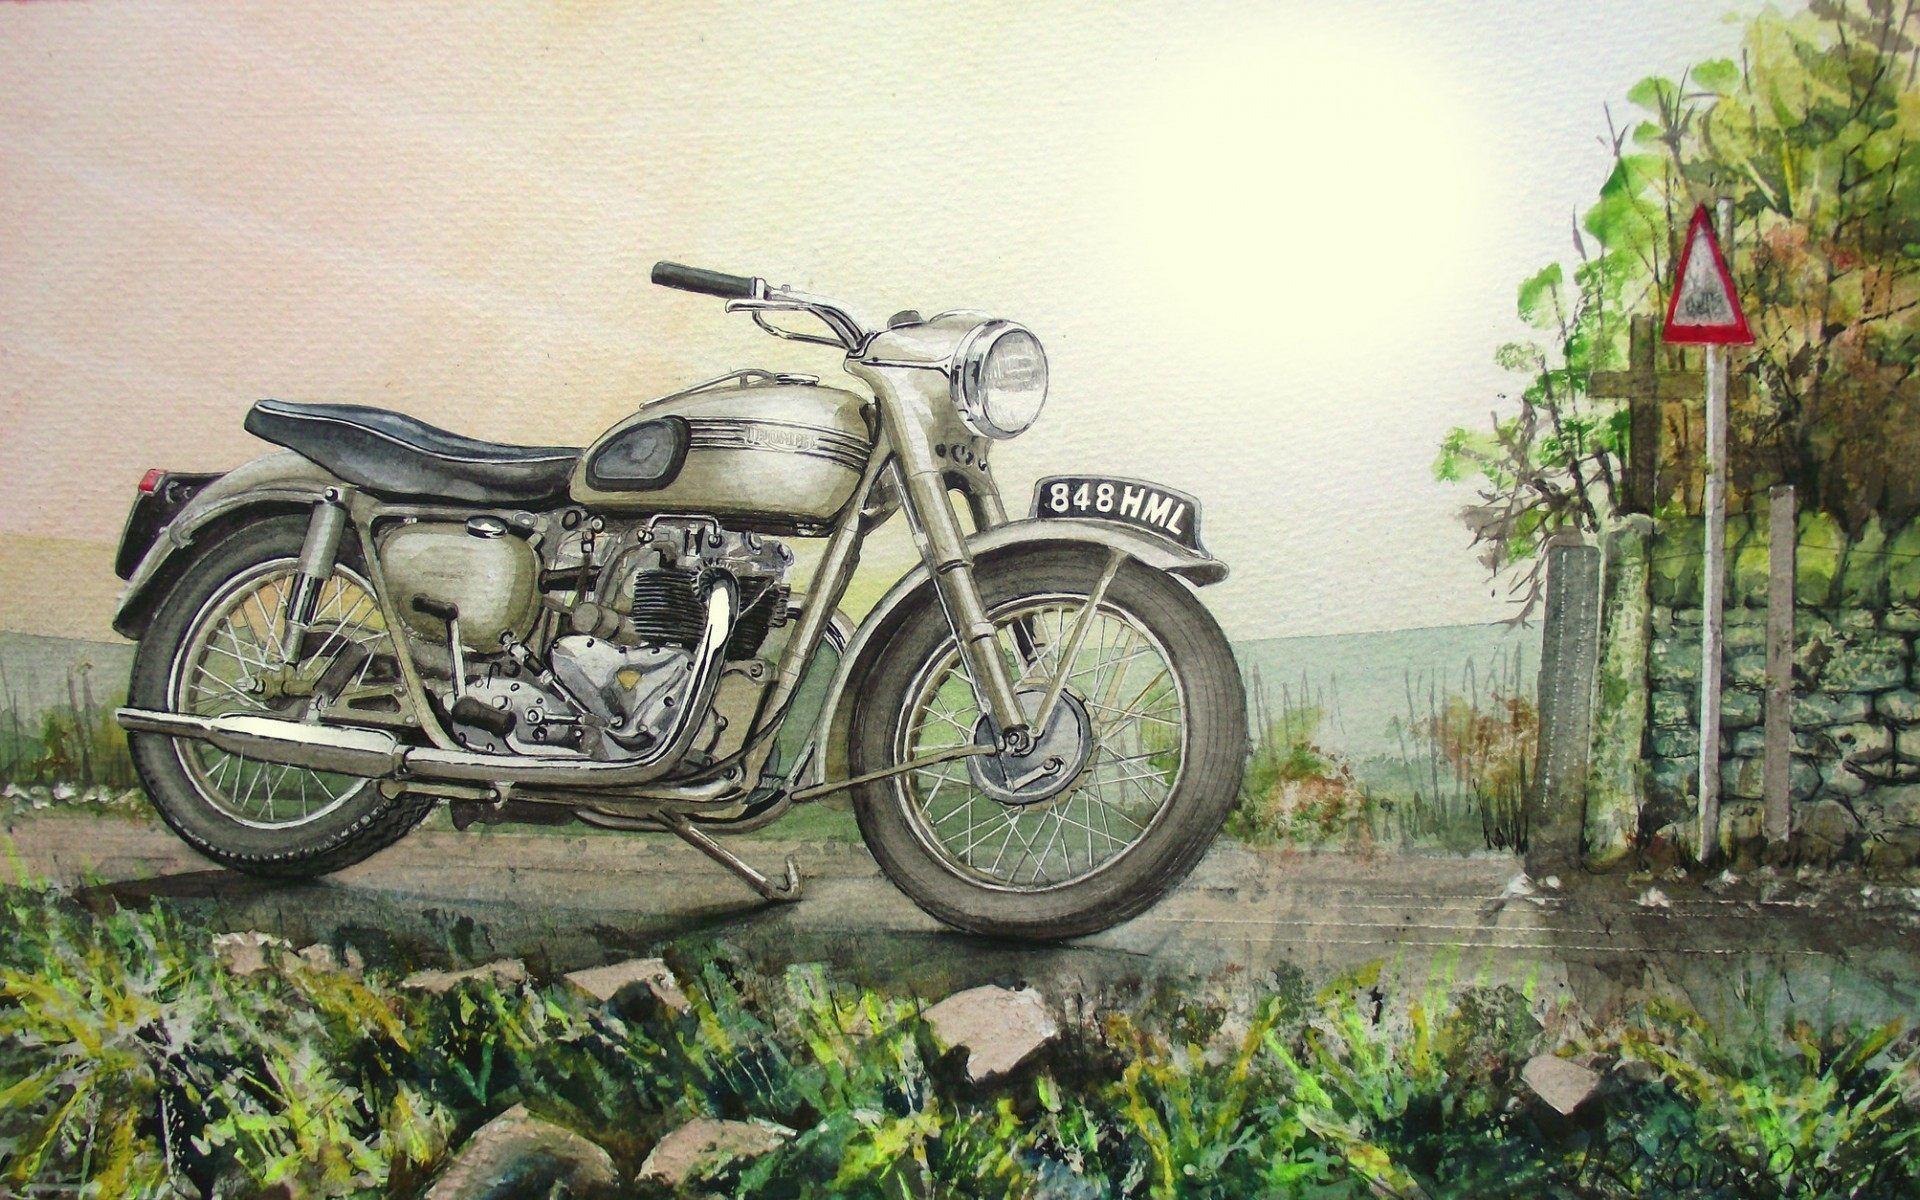 Bullet Bike Wallpapers Wallpaper Cave